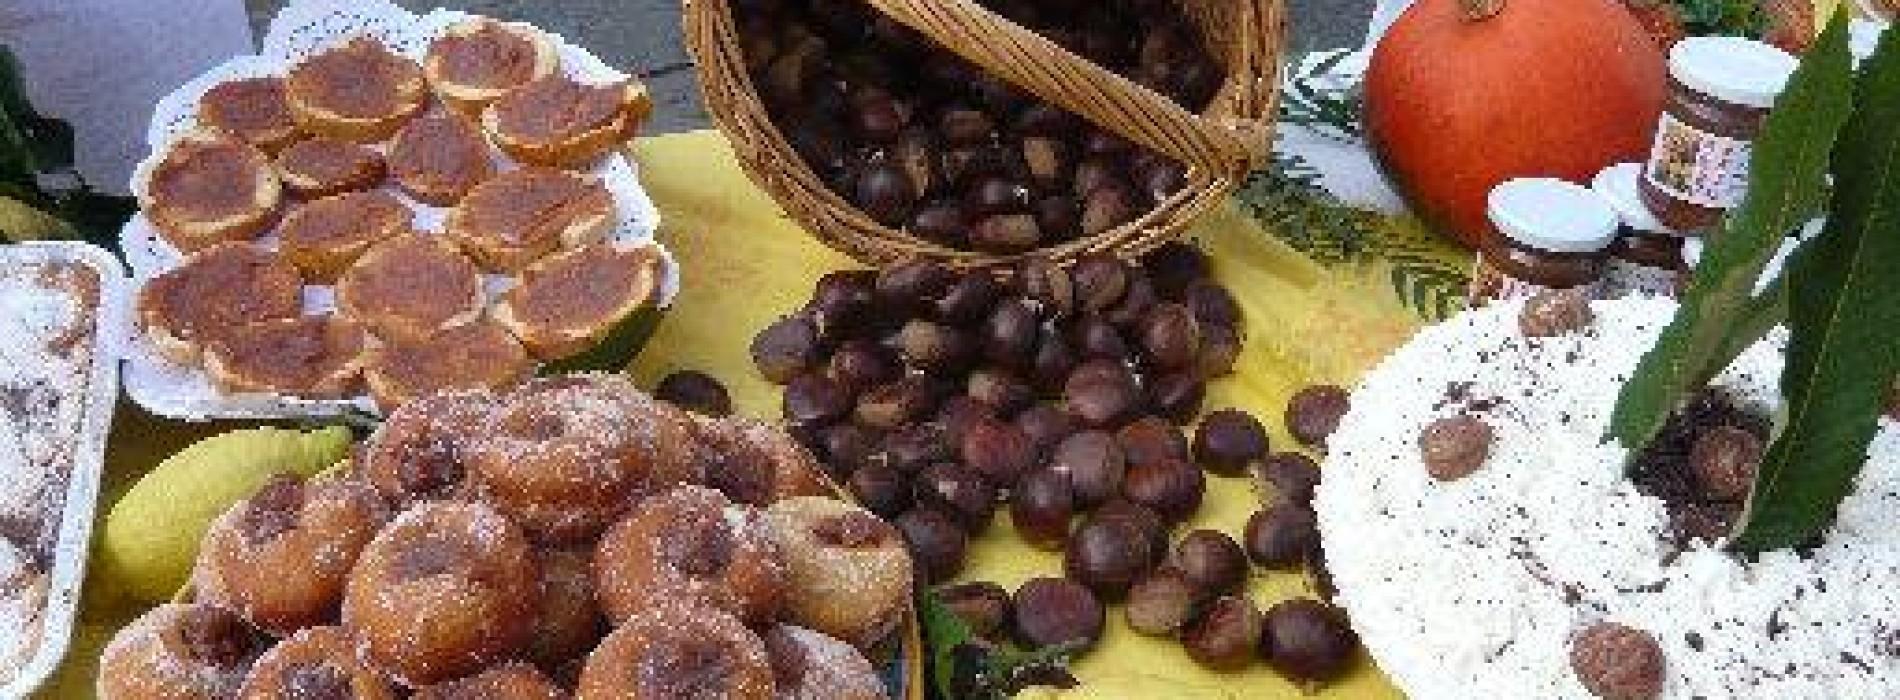 Sagre Lazio novembre 2015: cinque feste della castagna e del vino nel primo weekend del mese